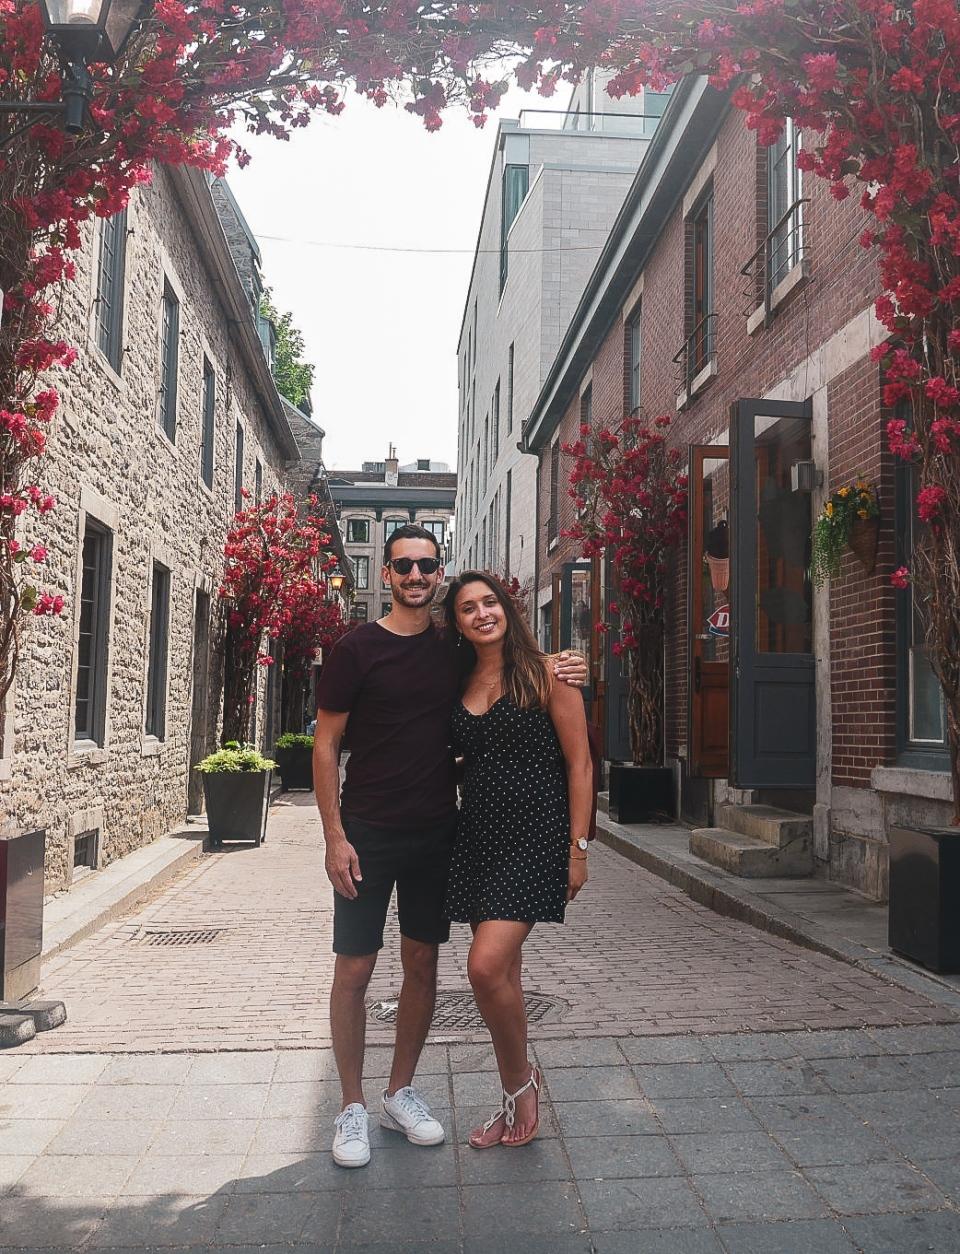 Rue Amable - PVT Canada : Arrivée et installation à Montréal - Blog Voyage Ma Folie Vagabonde